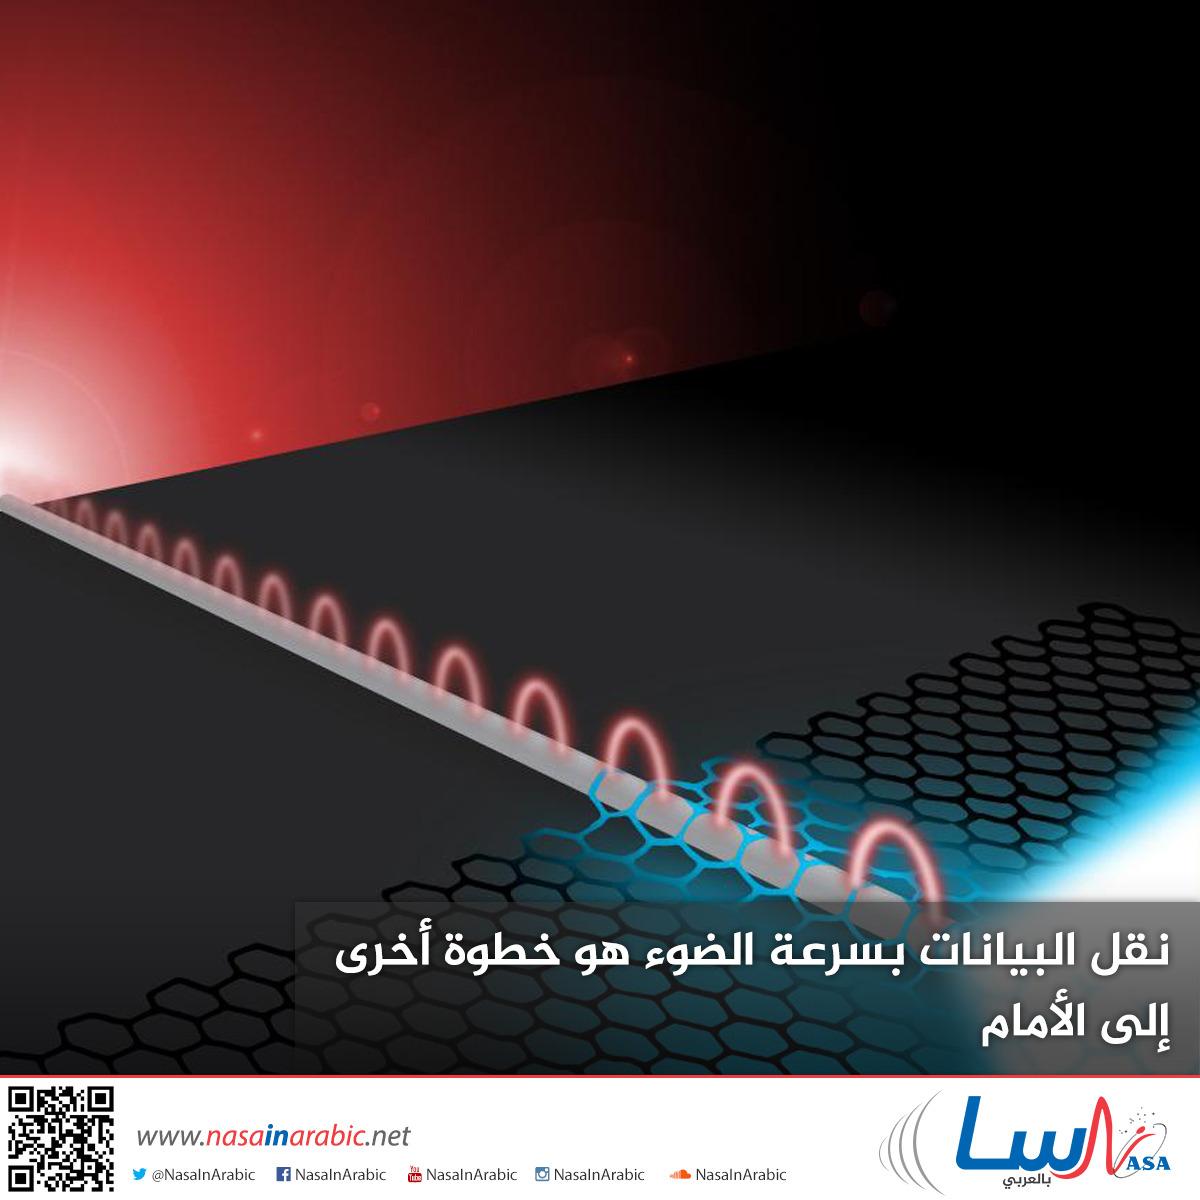 نقل البيانات بسرعة الضوء: خطوة أخرى إلى الأمام